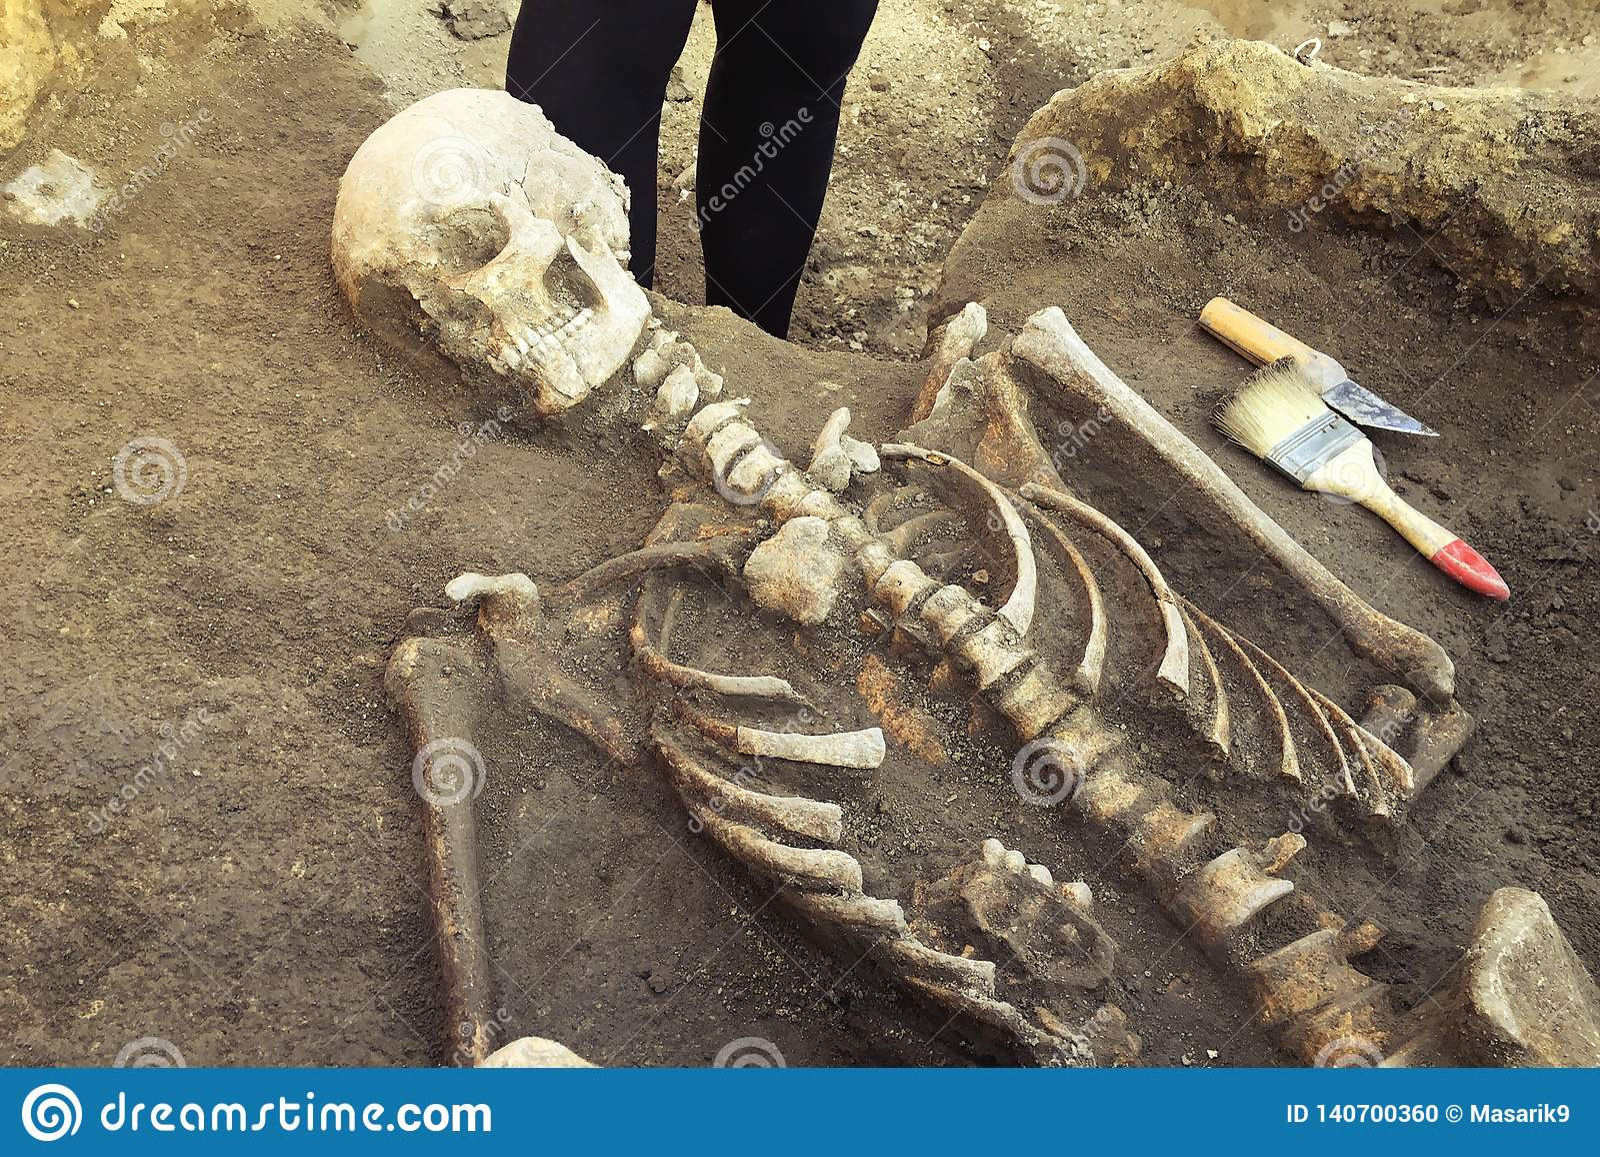 Archeologiczne ekskawacje i znalezisko kości kościec w ludzkim pogrzebie, pracujący narzędzie, władca, nóż, muśnięcie, szczegół a